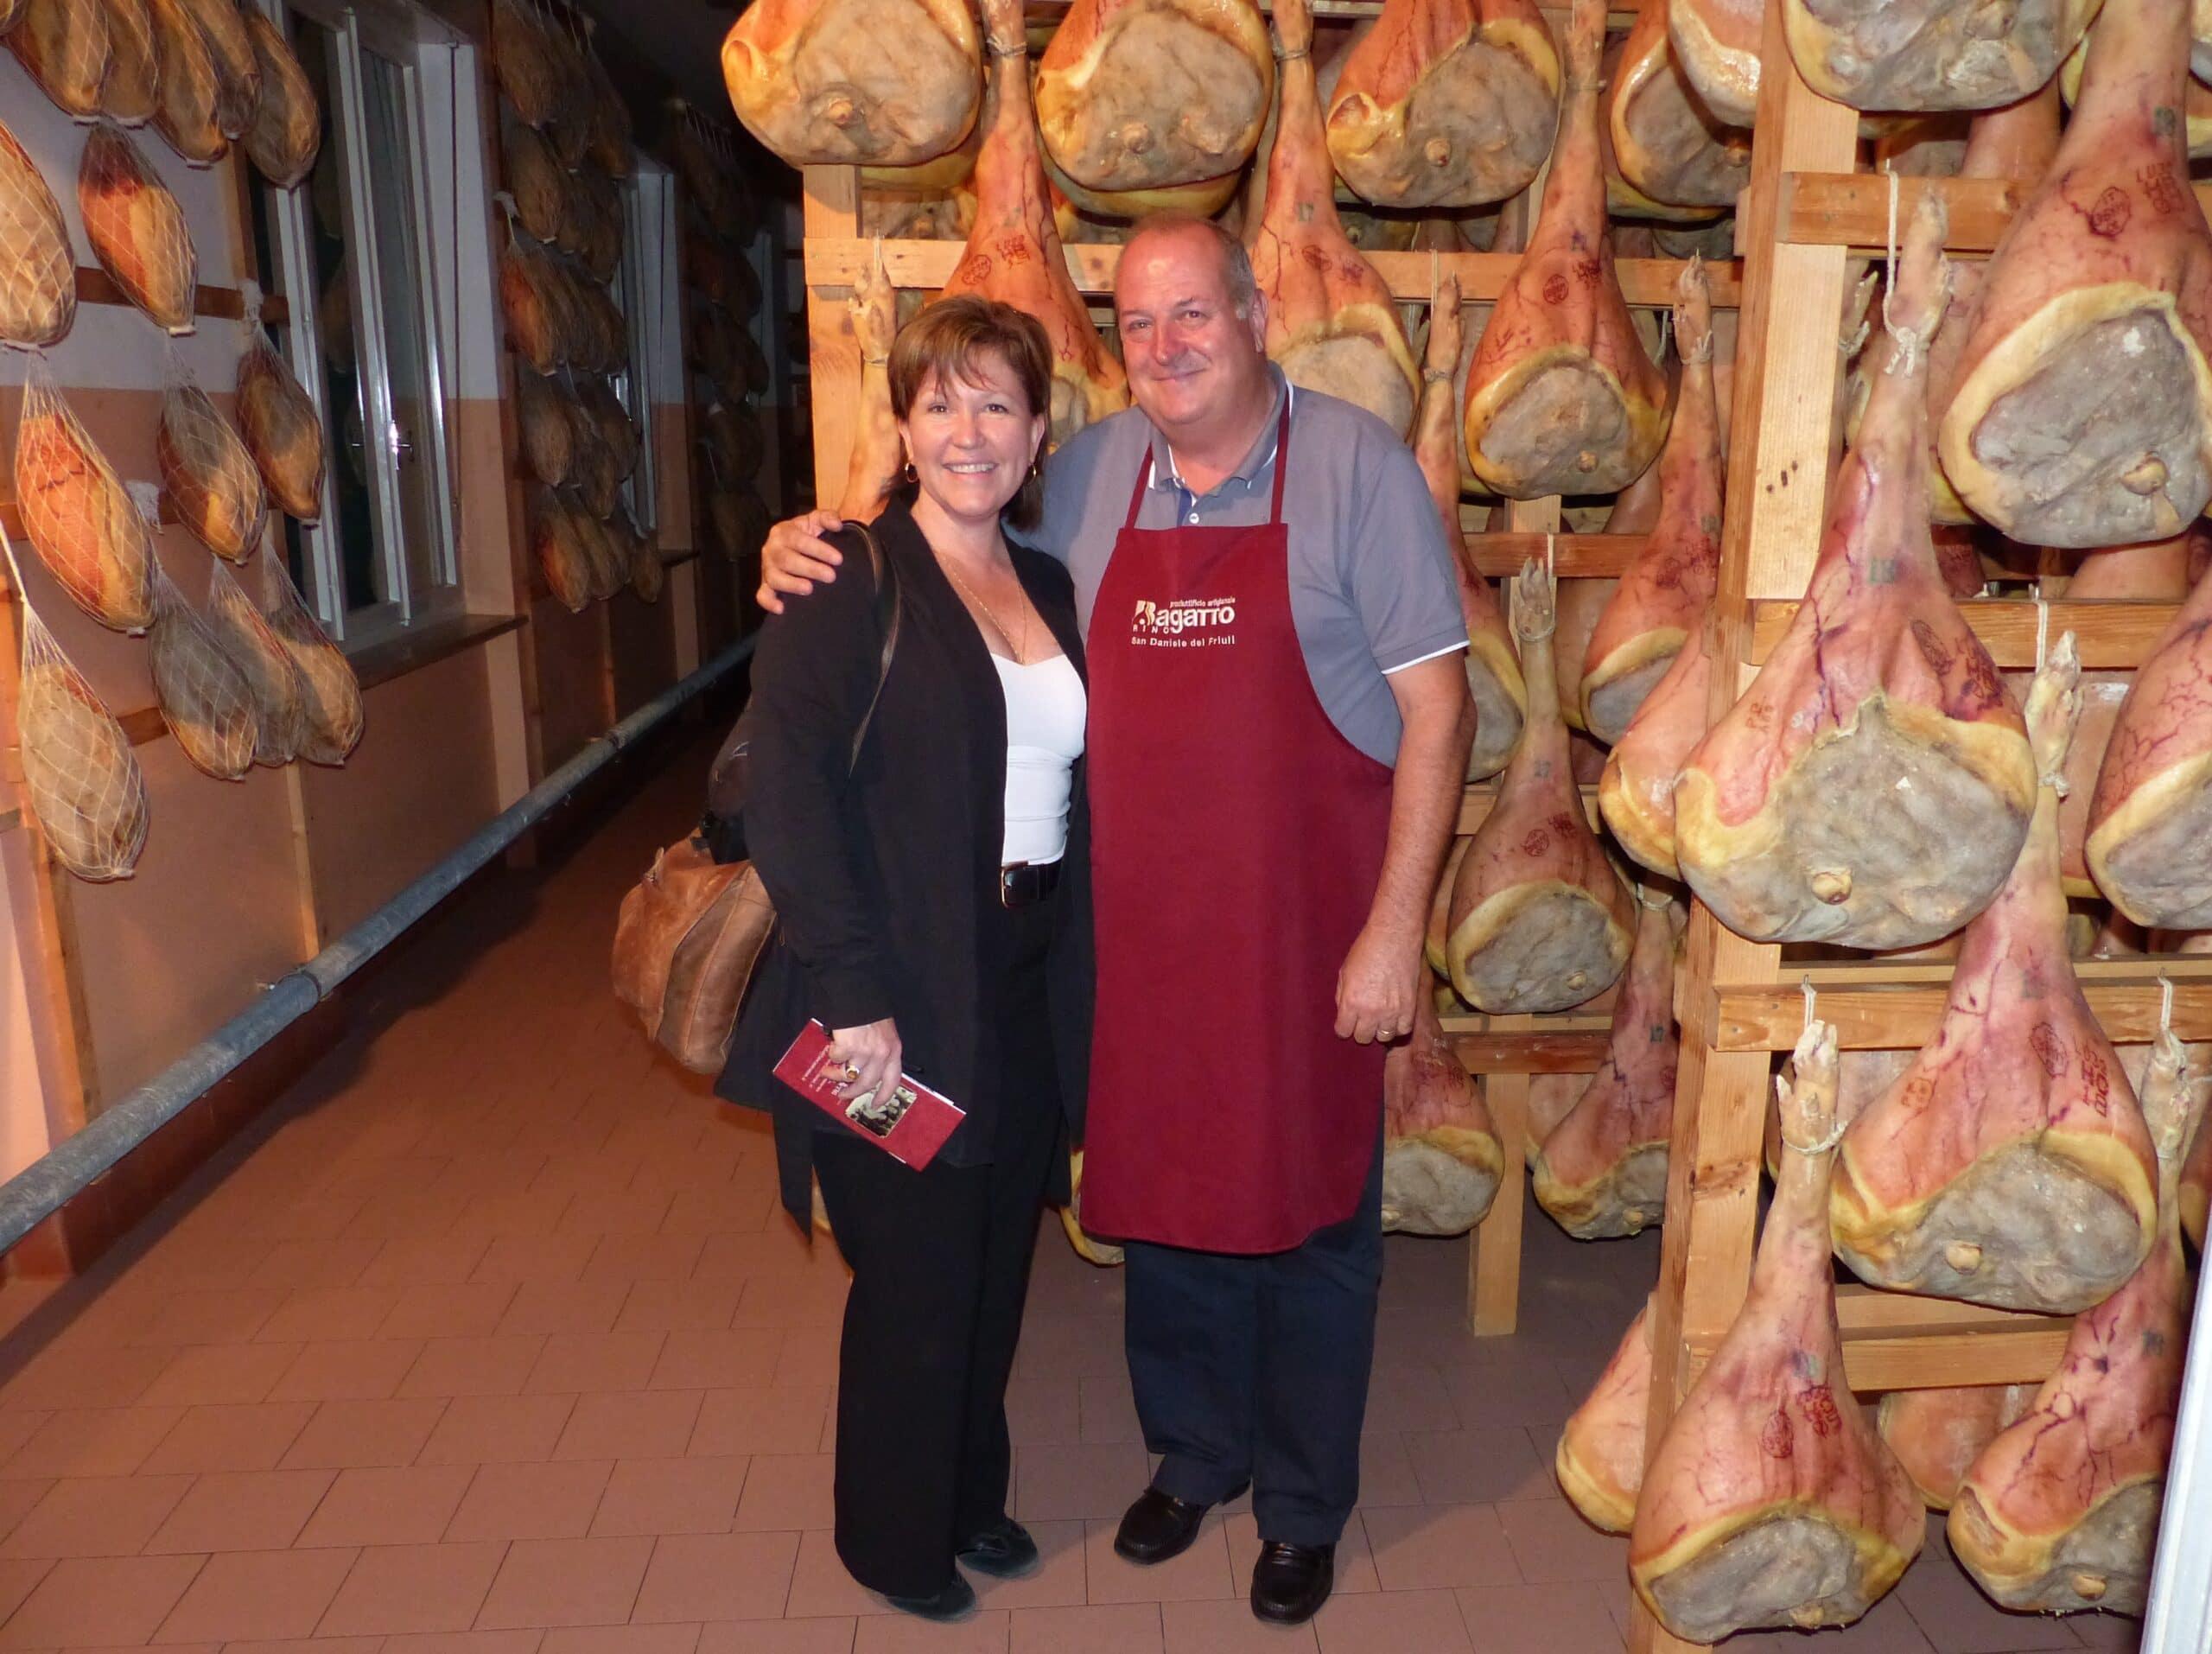 Prosciutto di San Daniele in Friuli